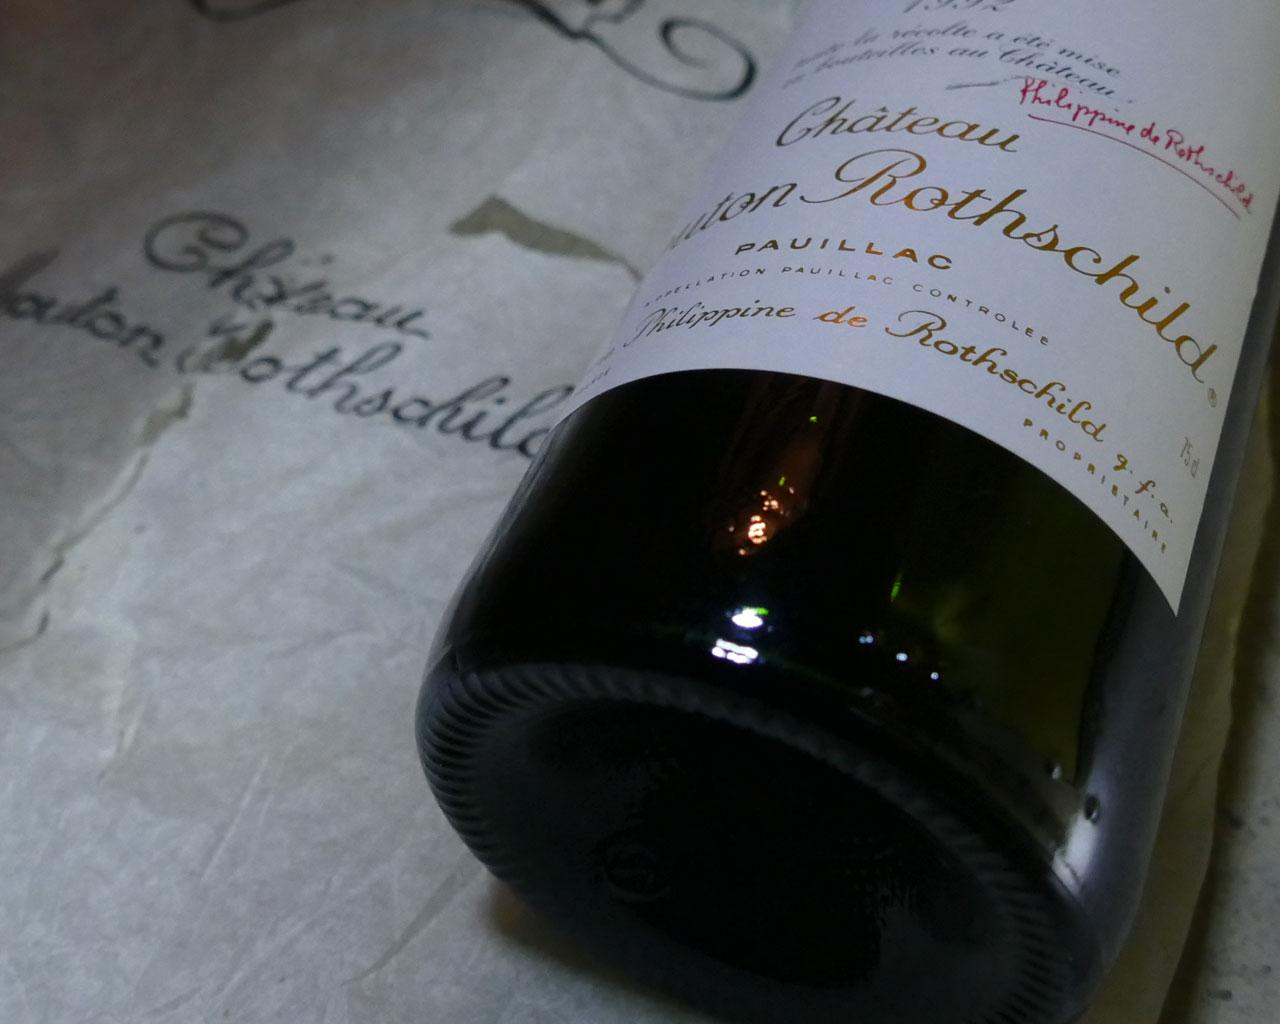 Reife Flasche Mouton Rothschild in einem Weinkeller